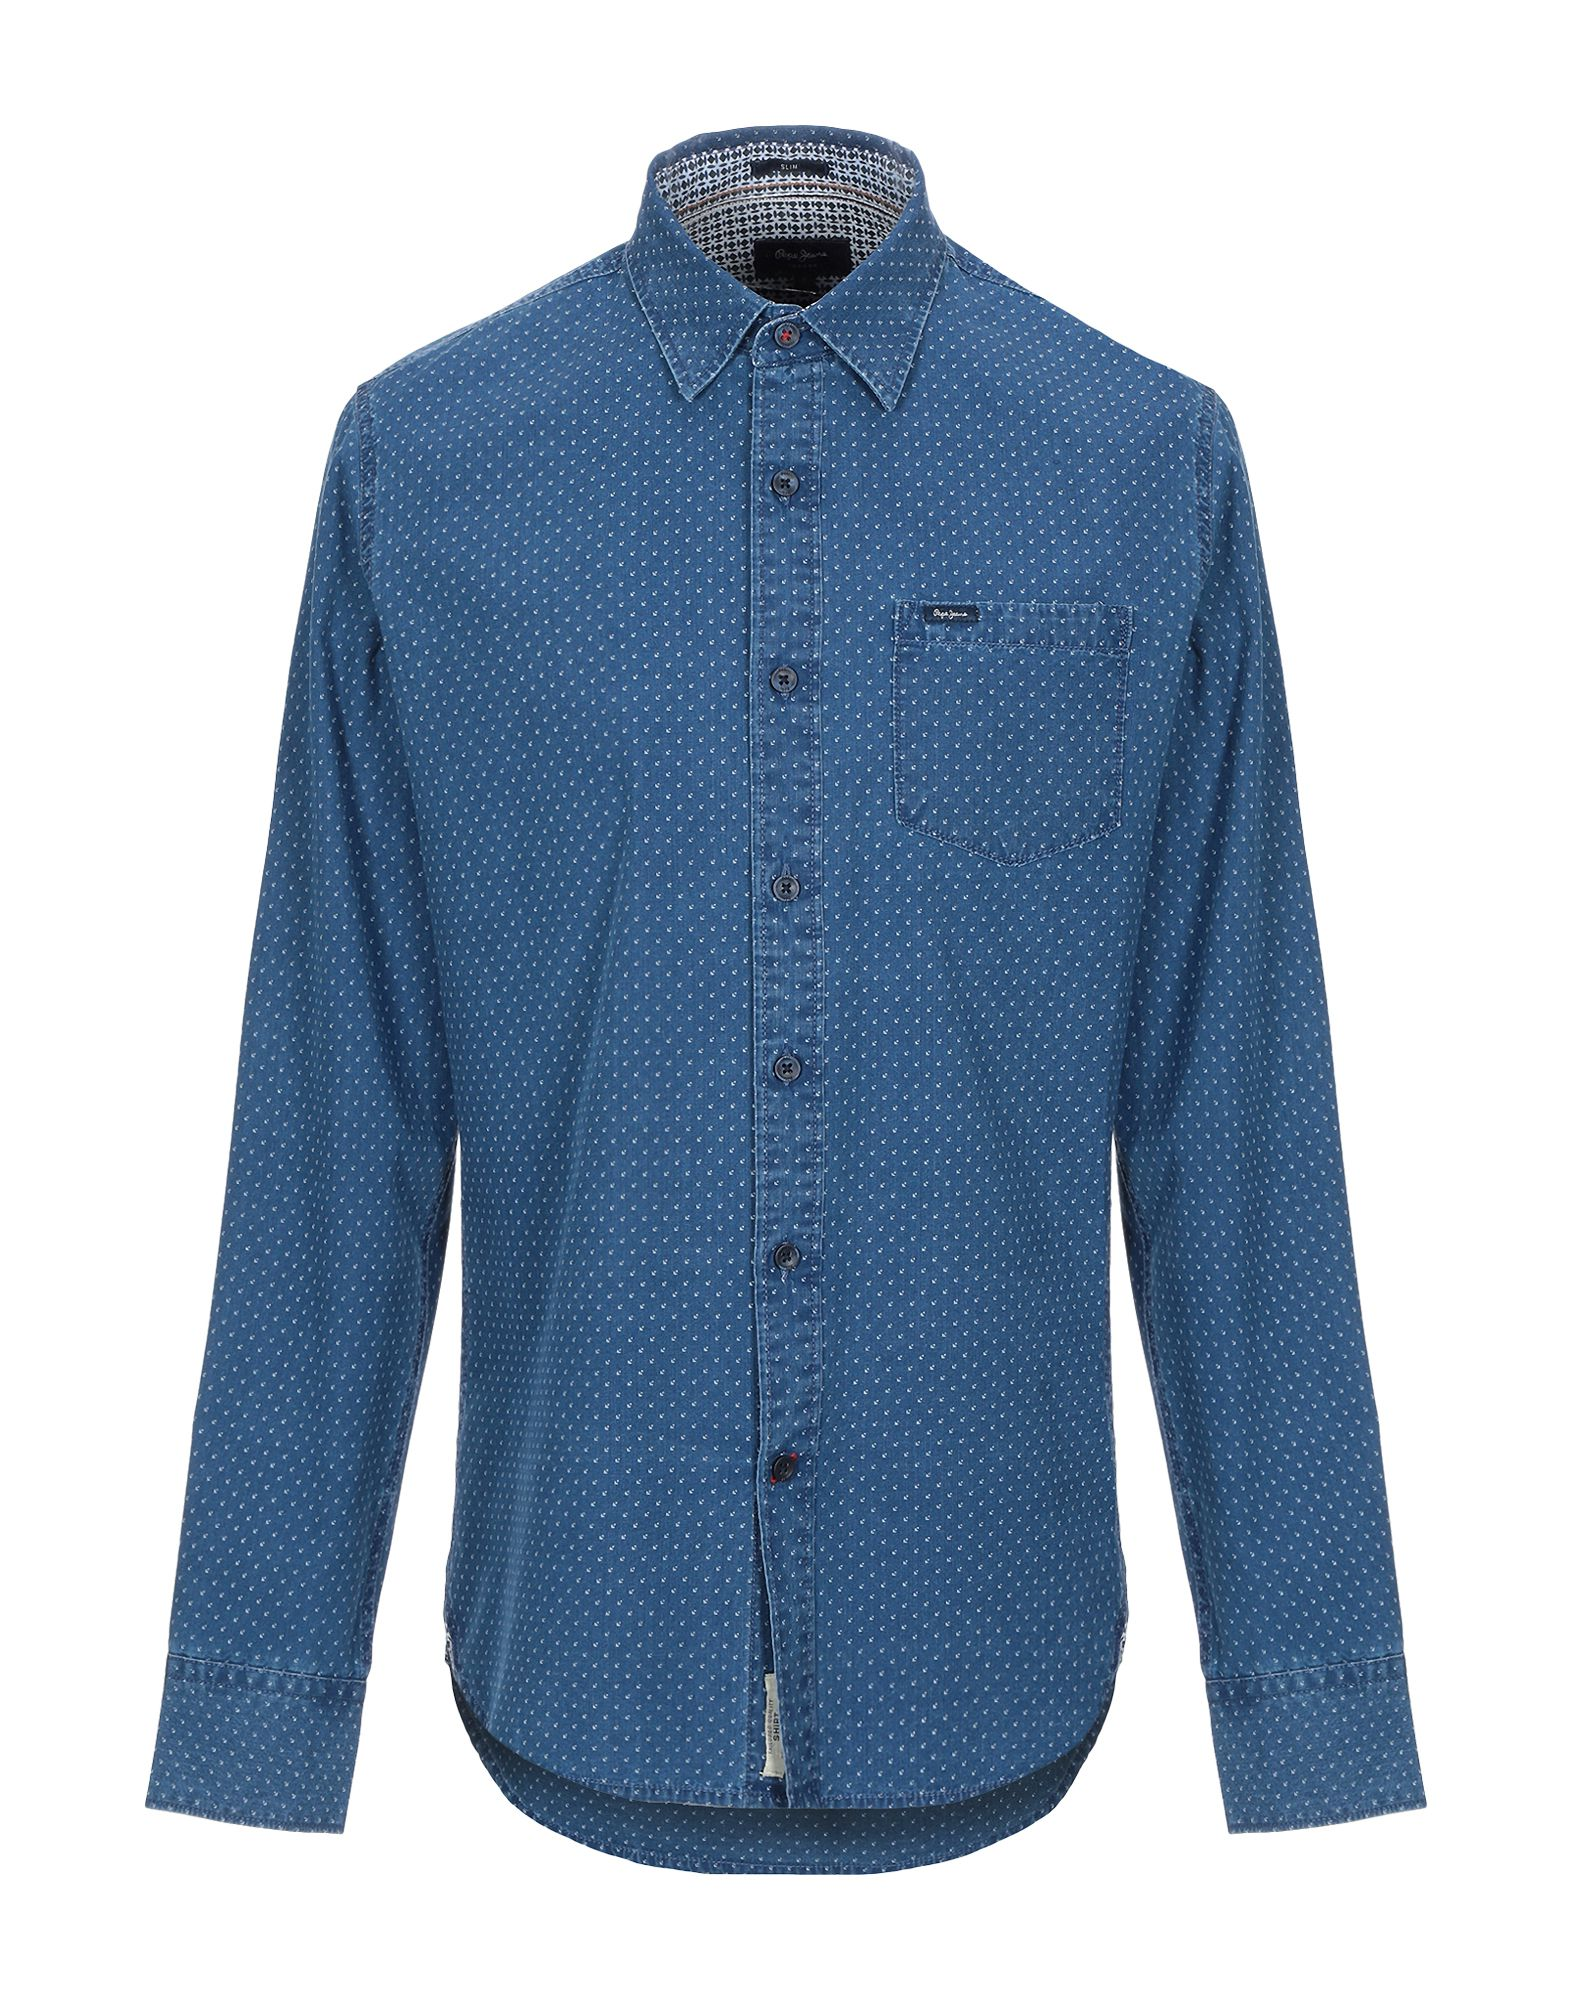 купить PEPE JEANS Джинсовая рубашка по цене 1650 рублей